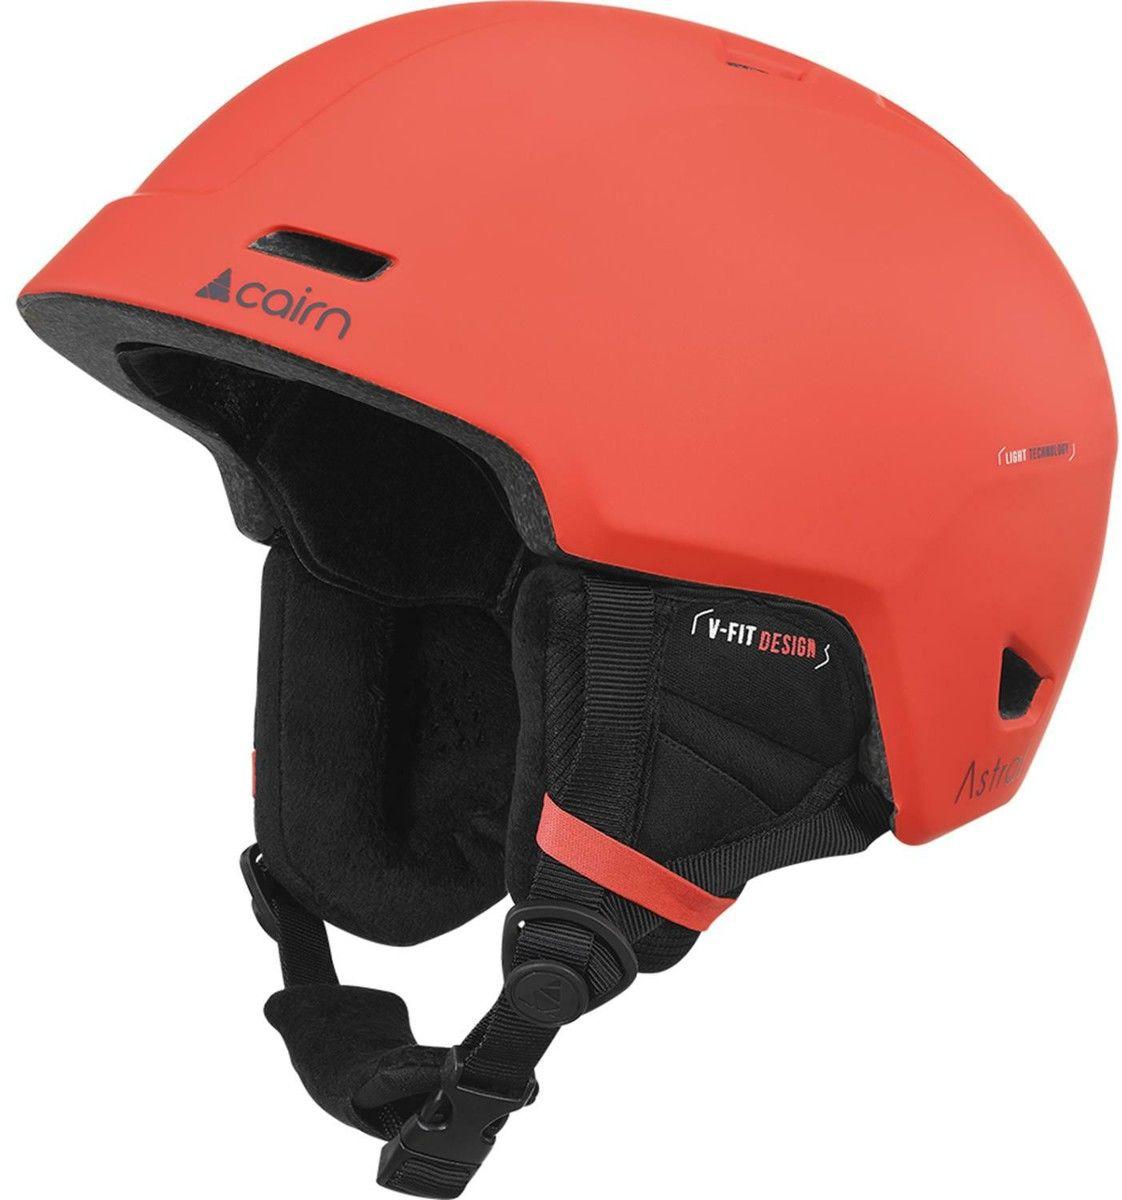 CAIRN kask zimowy narciarski/snowboardowy ASTRAL czerwony Rozmiar: 61-62,060614087